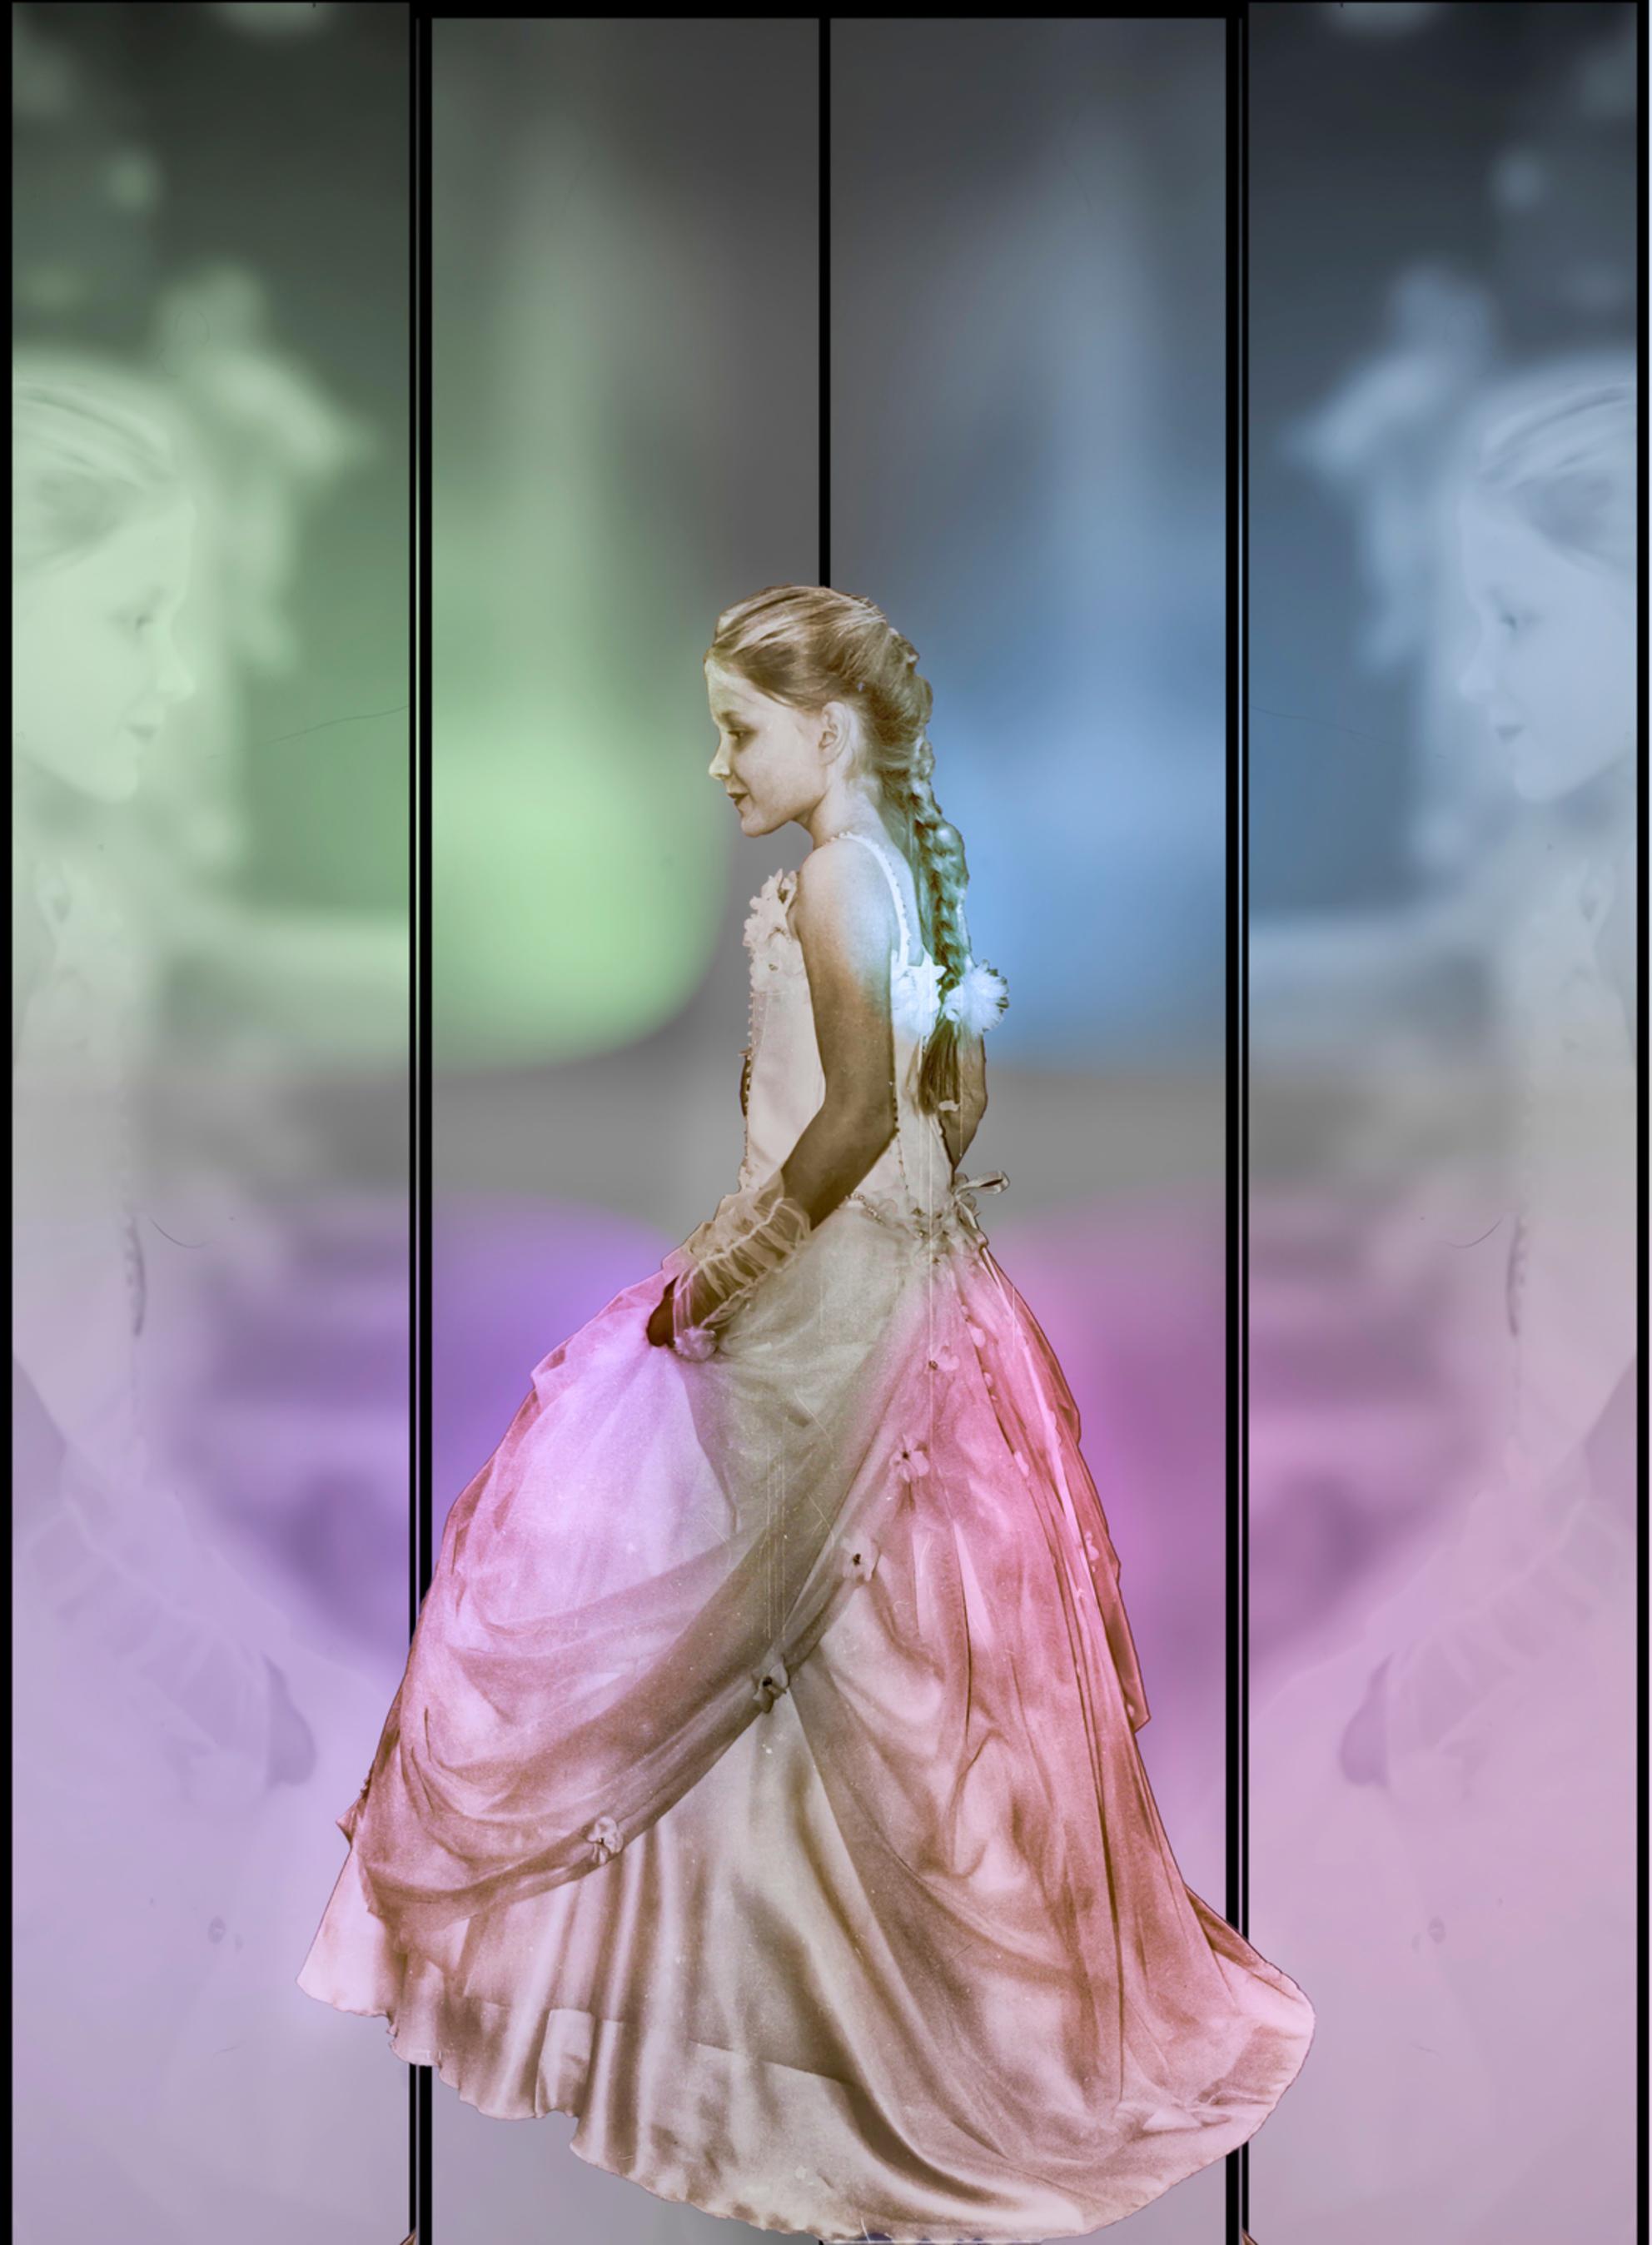 sophie - Dit is Sophie (mijn kleindochter) ze wilde zo graag nog een keer meelopen in de communie modeshow . Het kon nog net volgend jaar is ze te groot. h - foto door bloemke op 26-11-2015 - deze foto bevat: bewerkt, fantasie, meisje, bewerking, jurk, hdr, creatief, sprookje, modeshow, manipulatie, droomwereld, tonemapping, bokeh, reflexie, nik